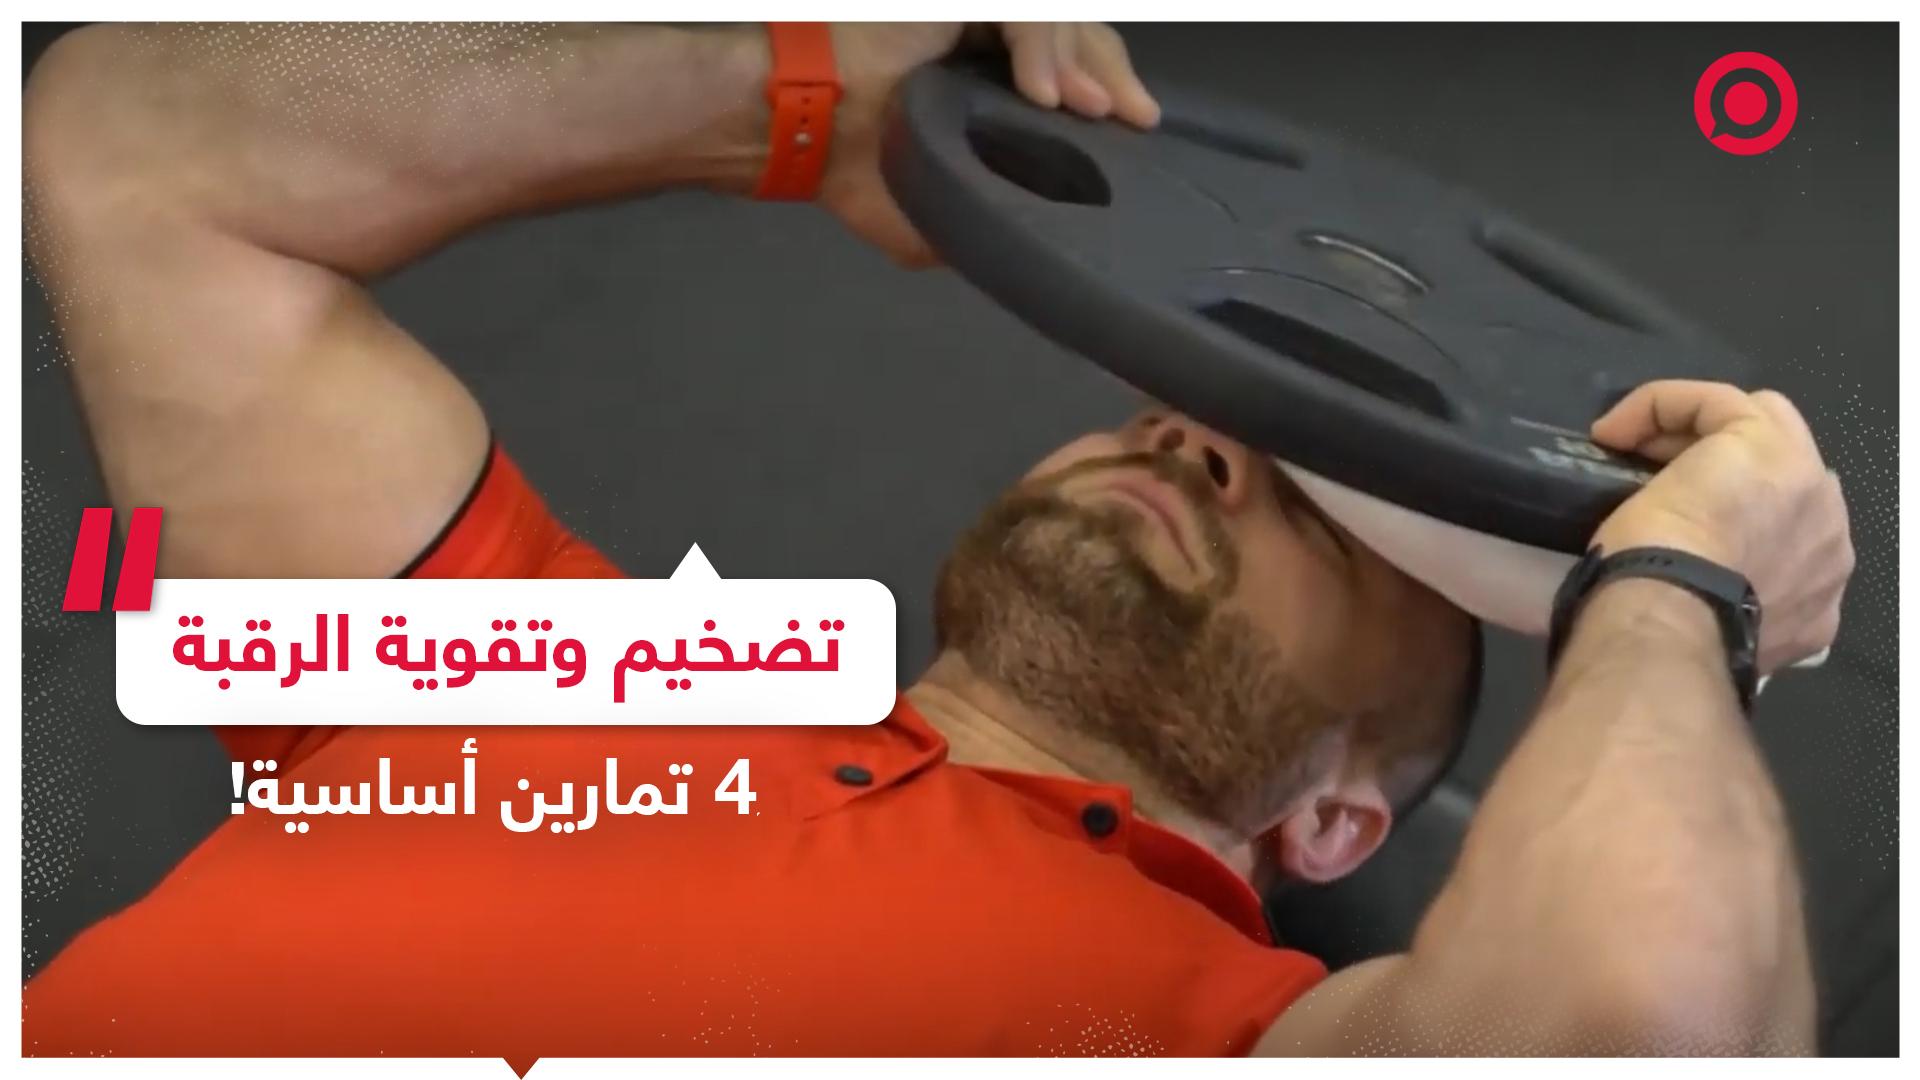 4 تمارين أساسية لعضلات الرقبة